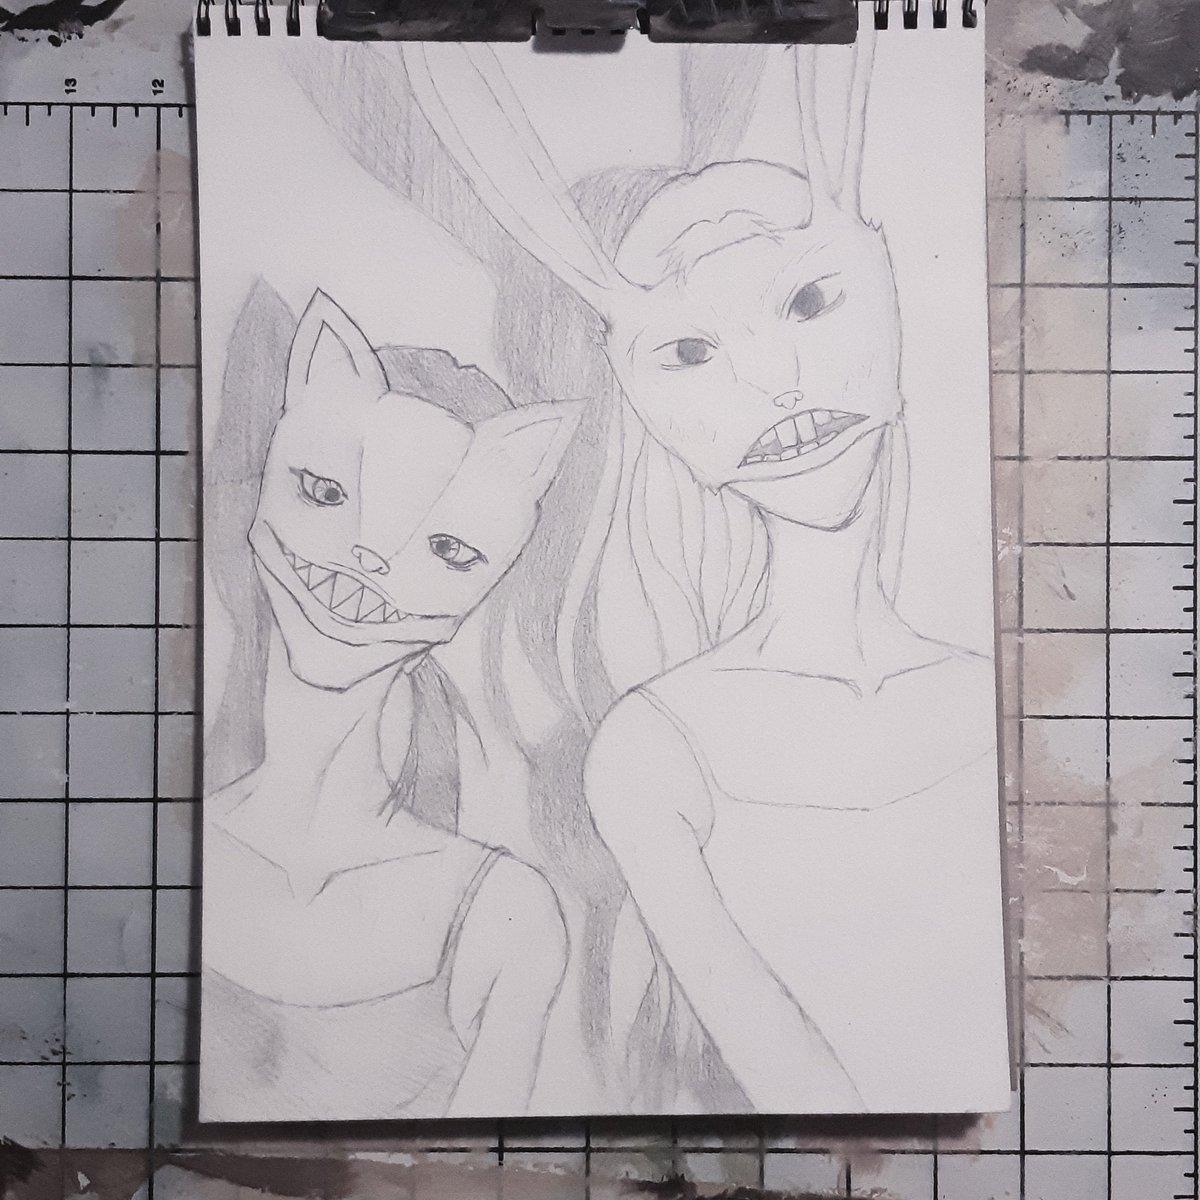 Finally have a new piece up on the easel. #art #artist #artwork  #WIP #workinprogress #process #acrylicpainting #acrylicpaint #paintingprocess #pencilsketch #illustration #theillustrationroom #artofvisuals #painting #darkart #weirdart #maskspic.twitter.com/Mr4l8p9c4z